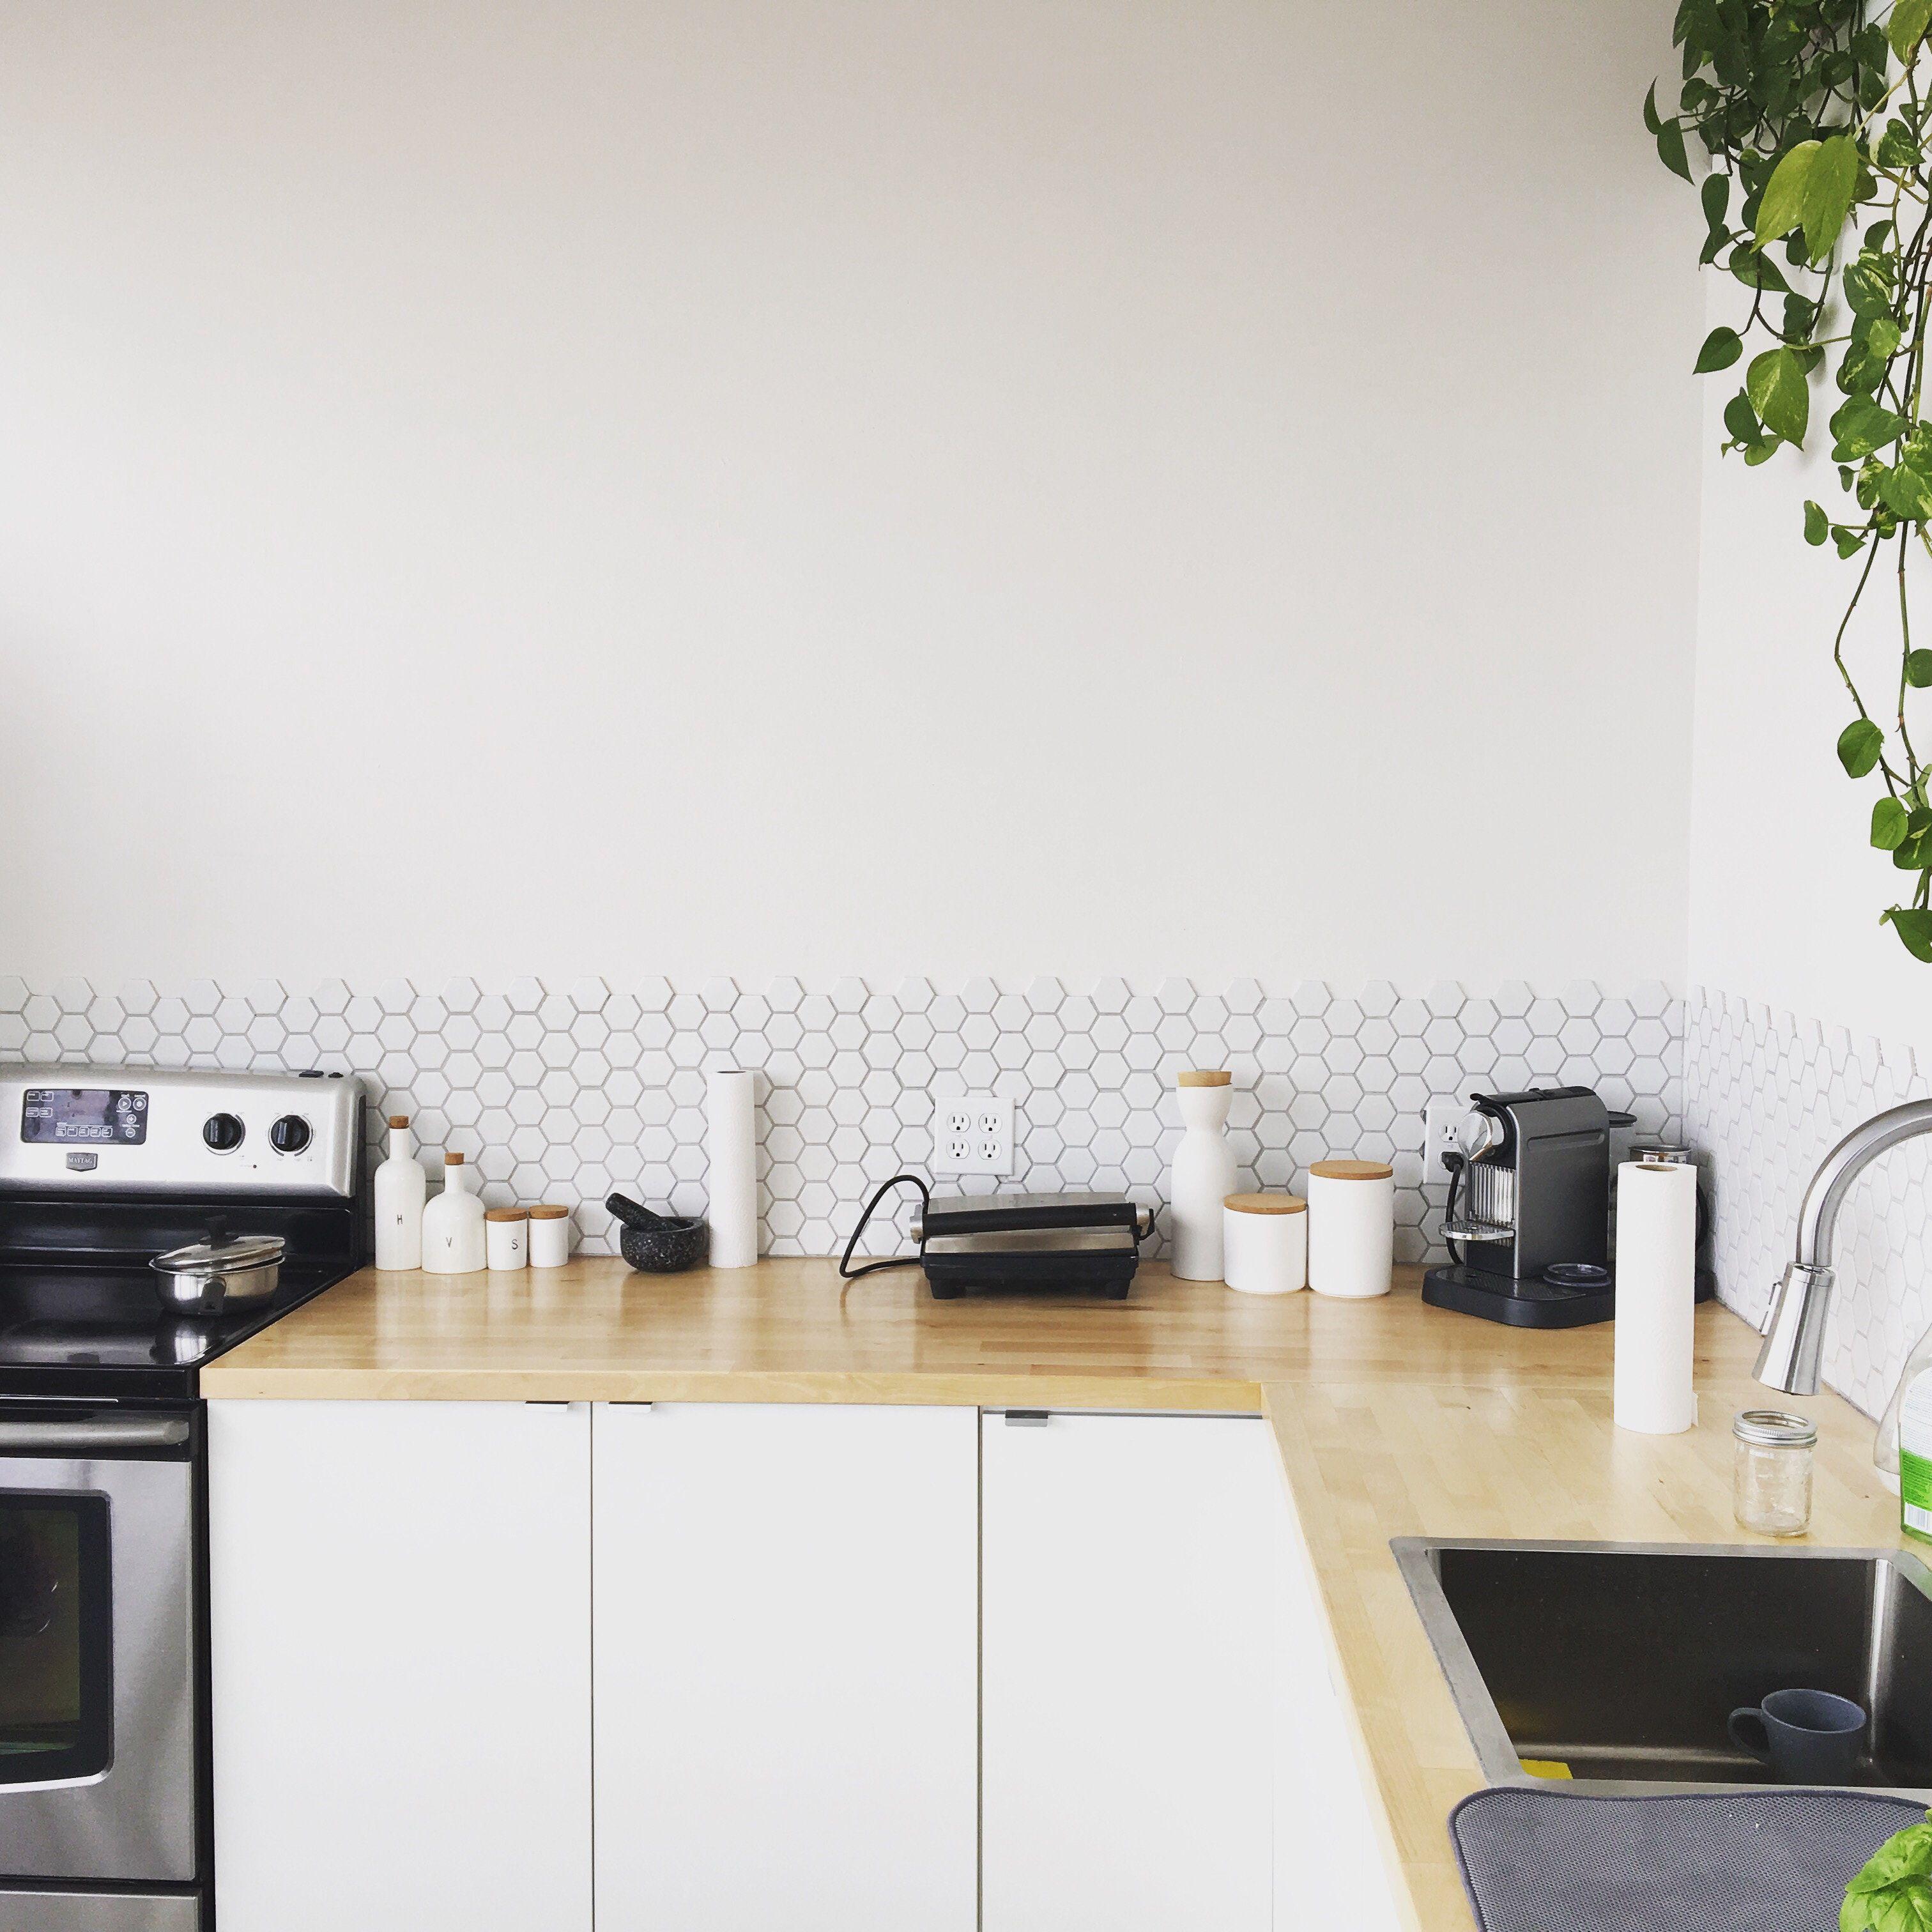 Berühmt Küche Design Tool Ideen - Küchen Design Ideen - talkychamber ...